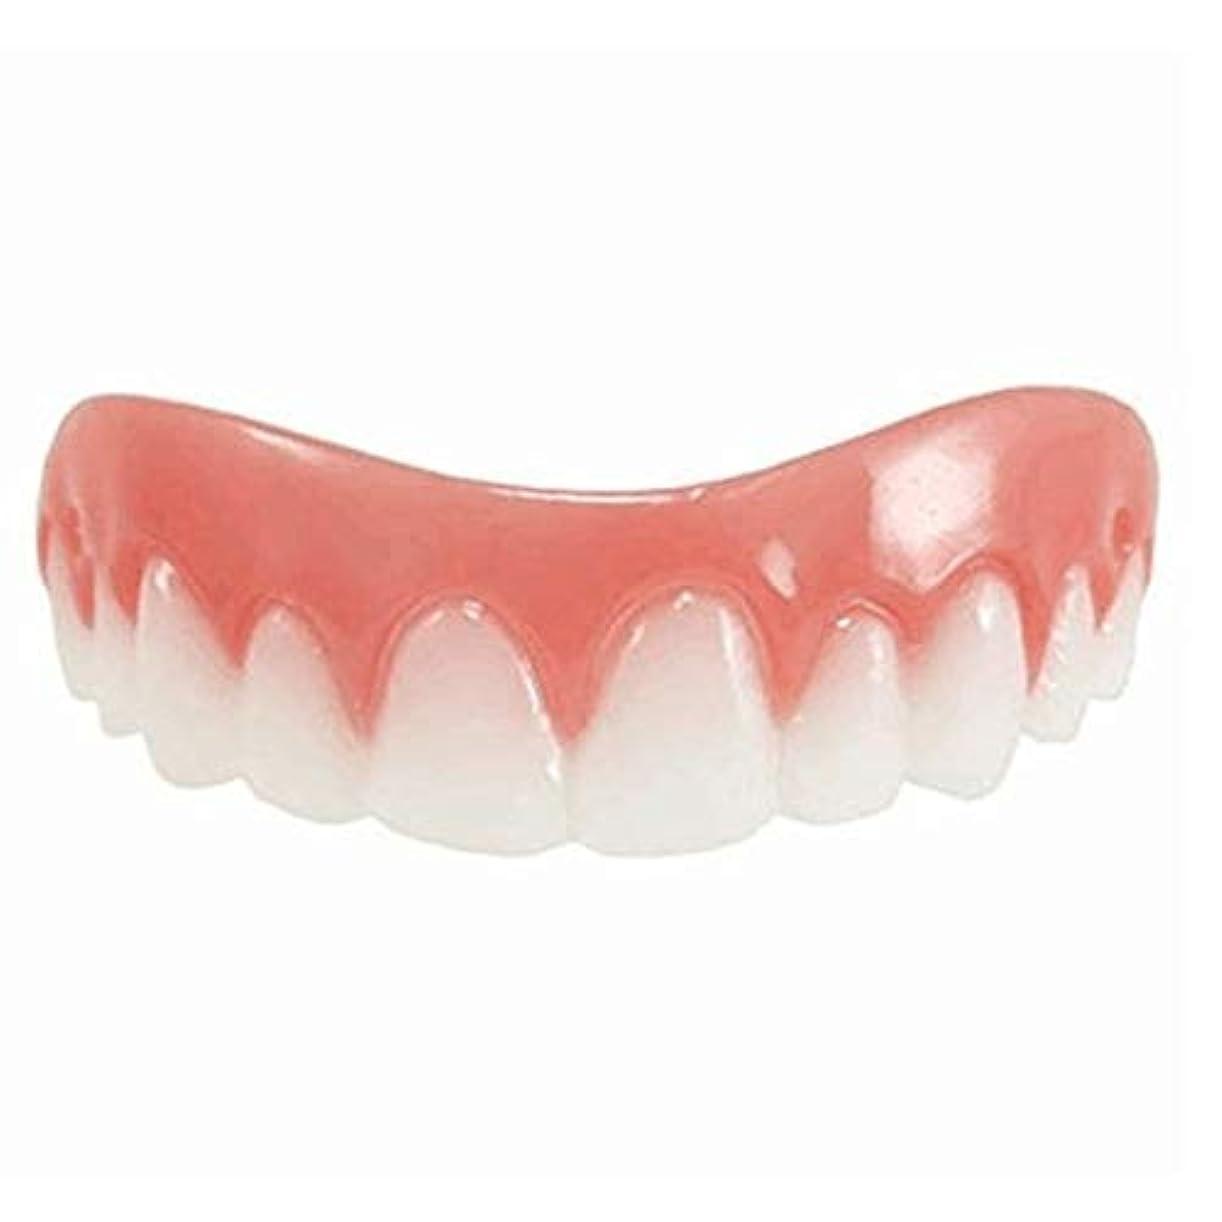 鷹アブセイパイプラインシリコンシミュレーション義歯、歯科用ベニヤホワイトトゥースセット(1個),A